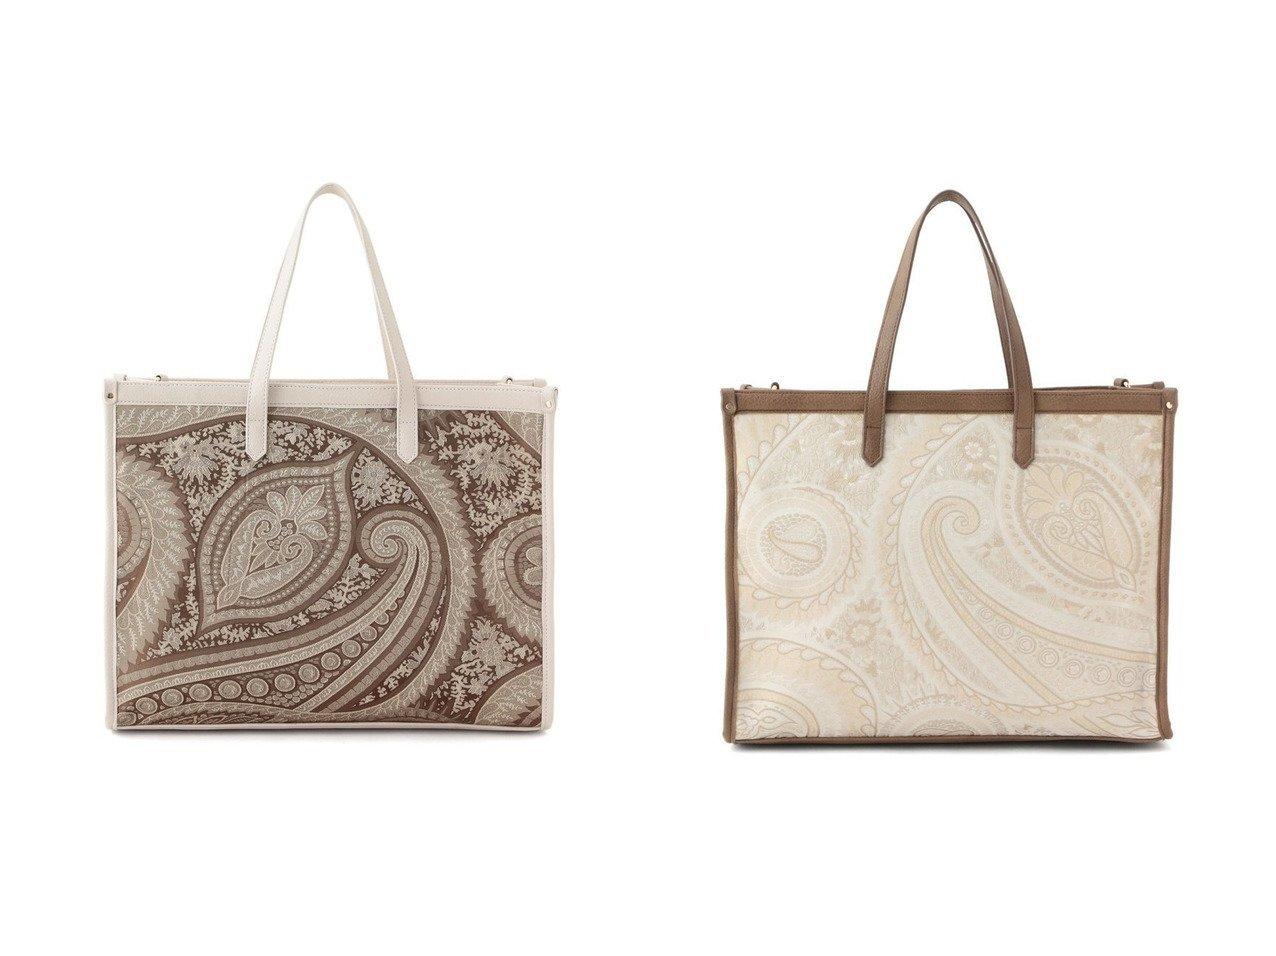 【VIS/ビス】の【2WAY】ファブリックビッグトートバッグ バッグ・鞄のおすすめ!人気、トレンド・レディースファッションの通販  おすすめで人気の流行・トレンド、ファッションの通販商品 メンズファッション・キッズファッション・インテリア・家具・レディースファッション・服の通販 founy(ファニー) https://founy.com/ ファッション Fashion レディースファッション WOMEN バッグ Bag NEW・新作・新着・新入荷 New Arrivals パイピング ペイズリー |ID:crp329100000009899